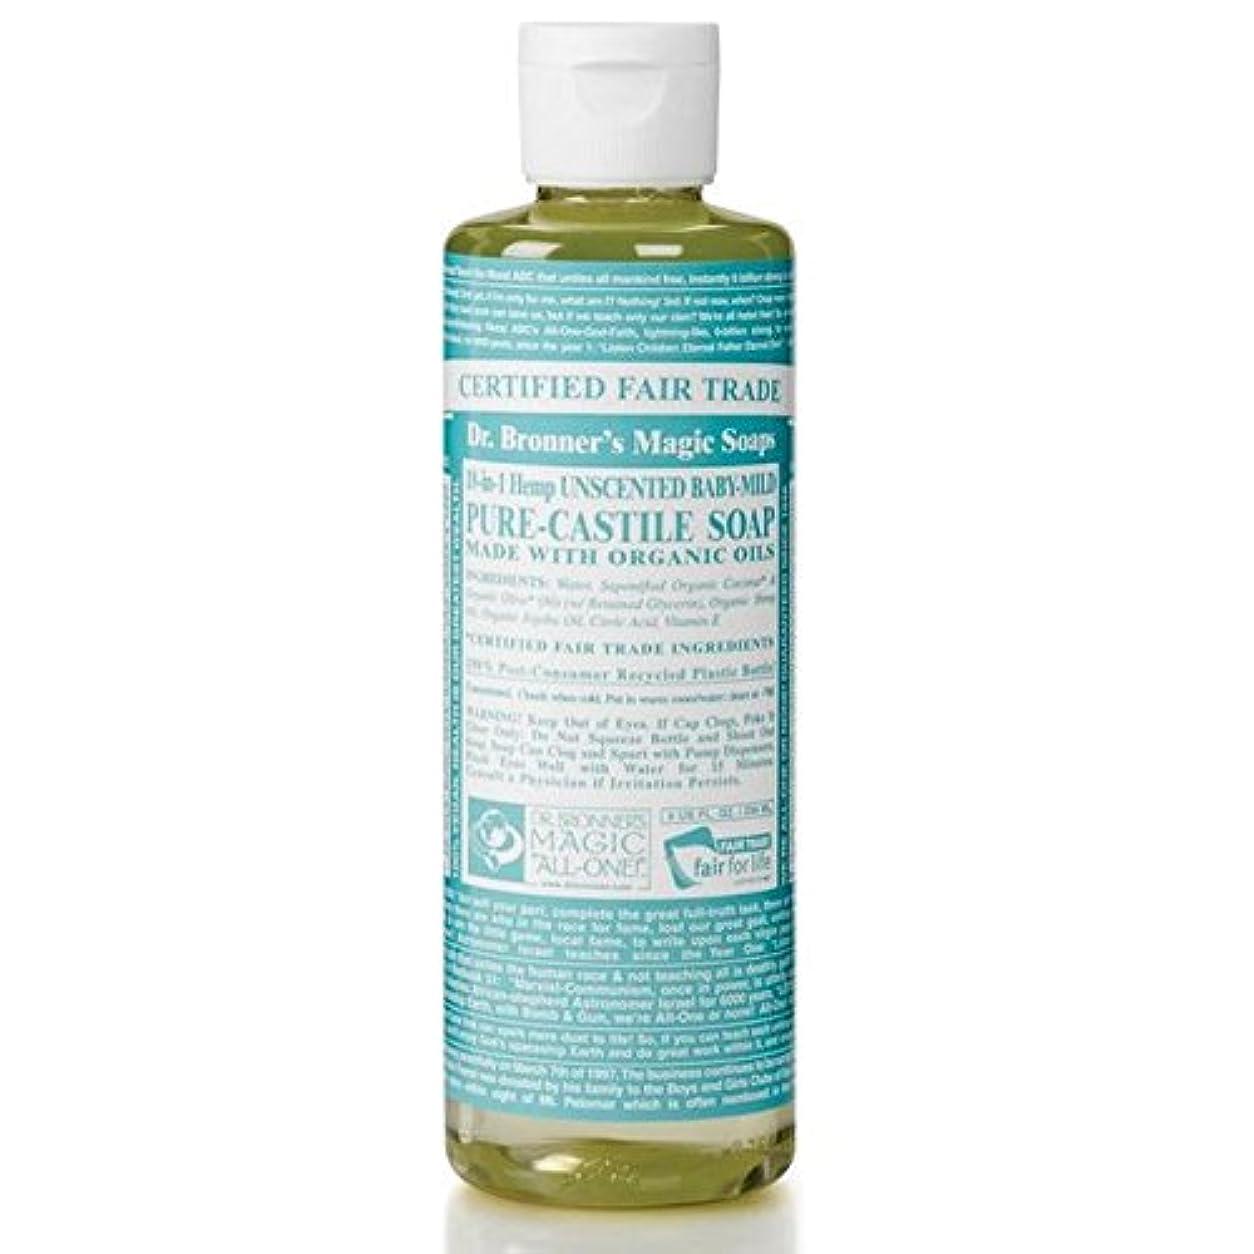 リンク耐えられない低いのブロナーオーガニックベビーマイルドなキャスト液体石鹸237ミリリットル x4 - Dr Bronner Organic Baby Mild Cast Liquid Soap 237ml (Pack of 4) [並行輸入品]